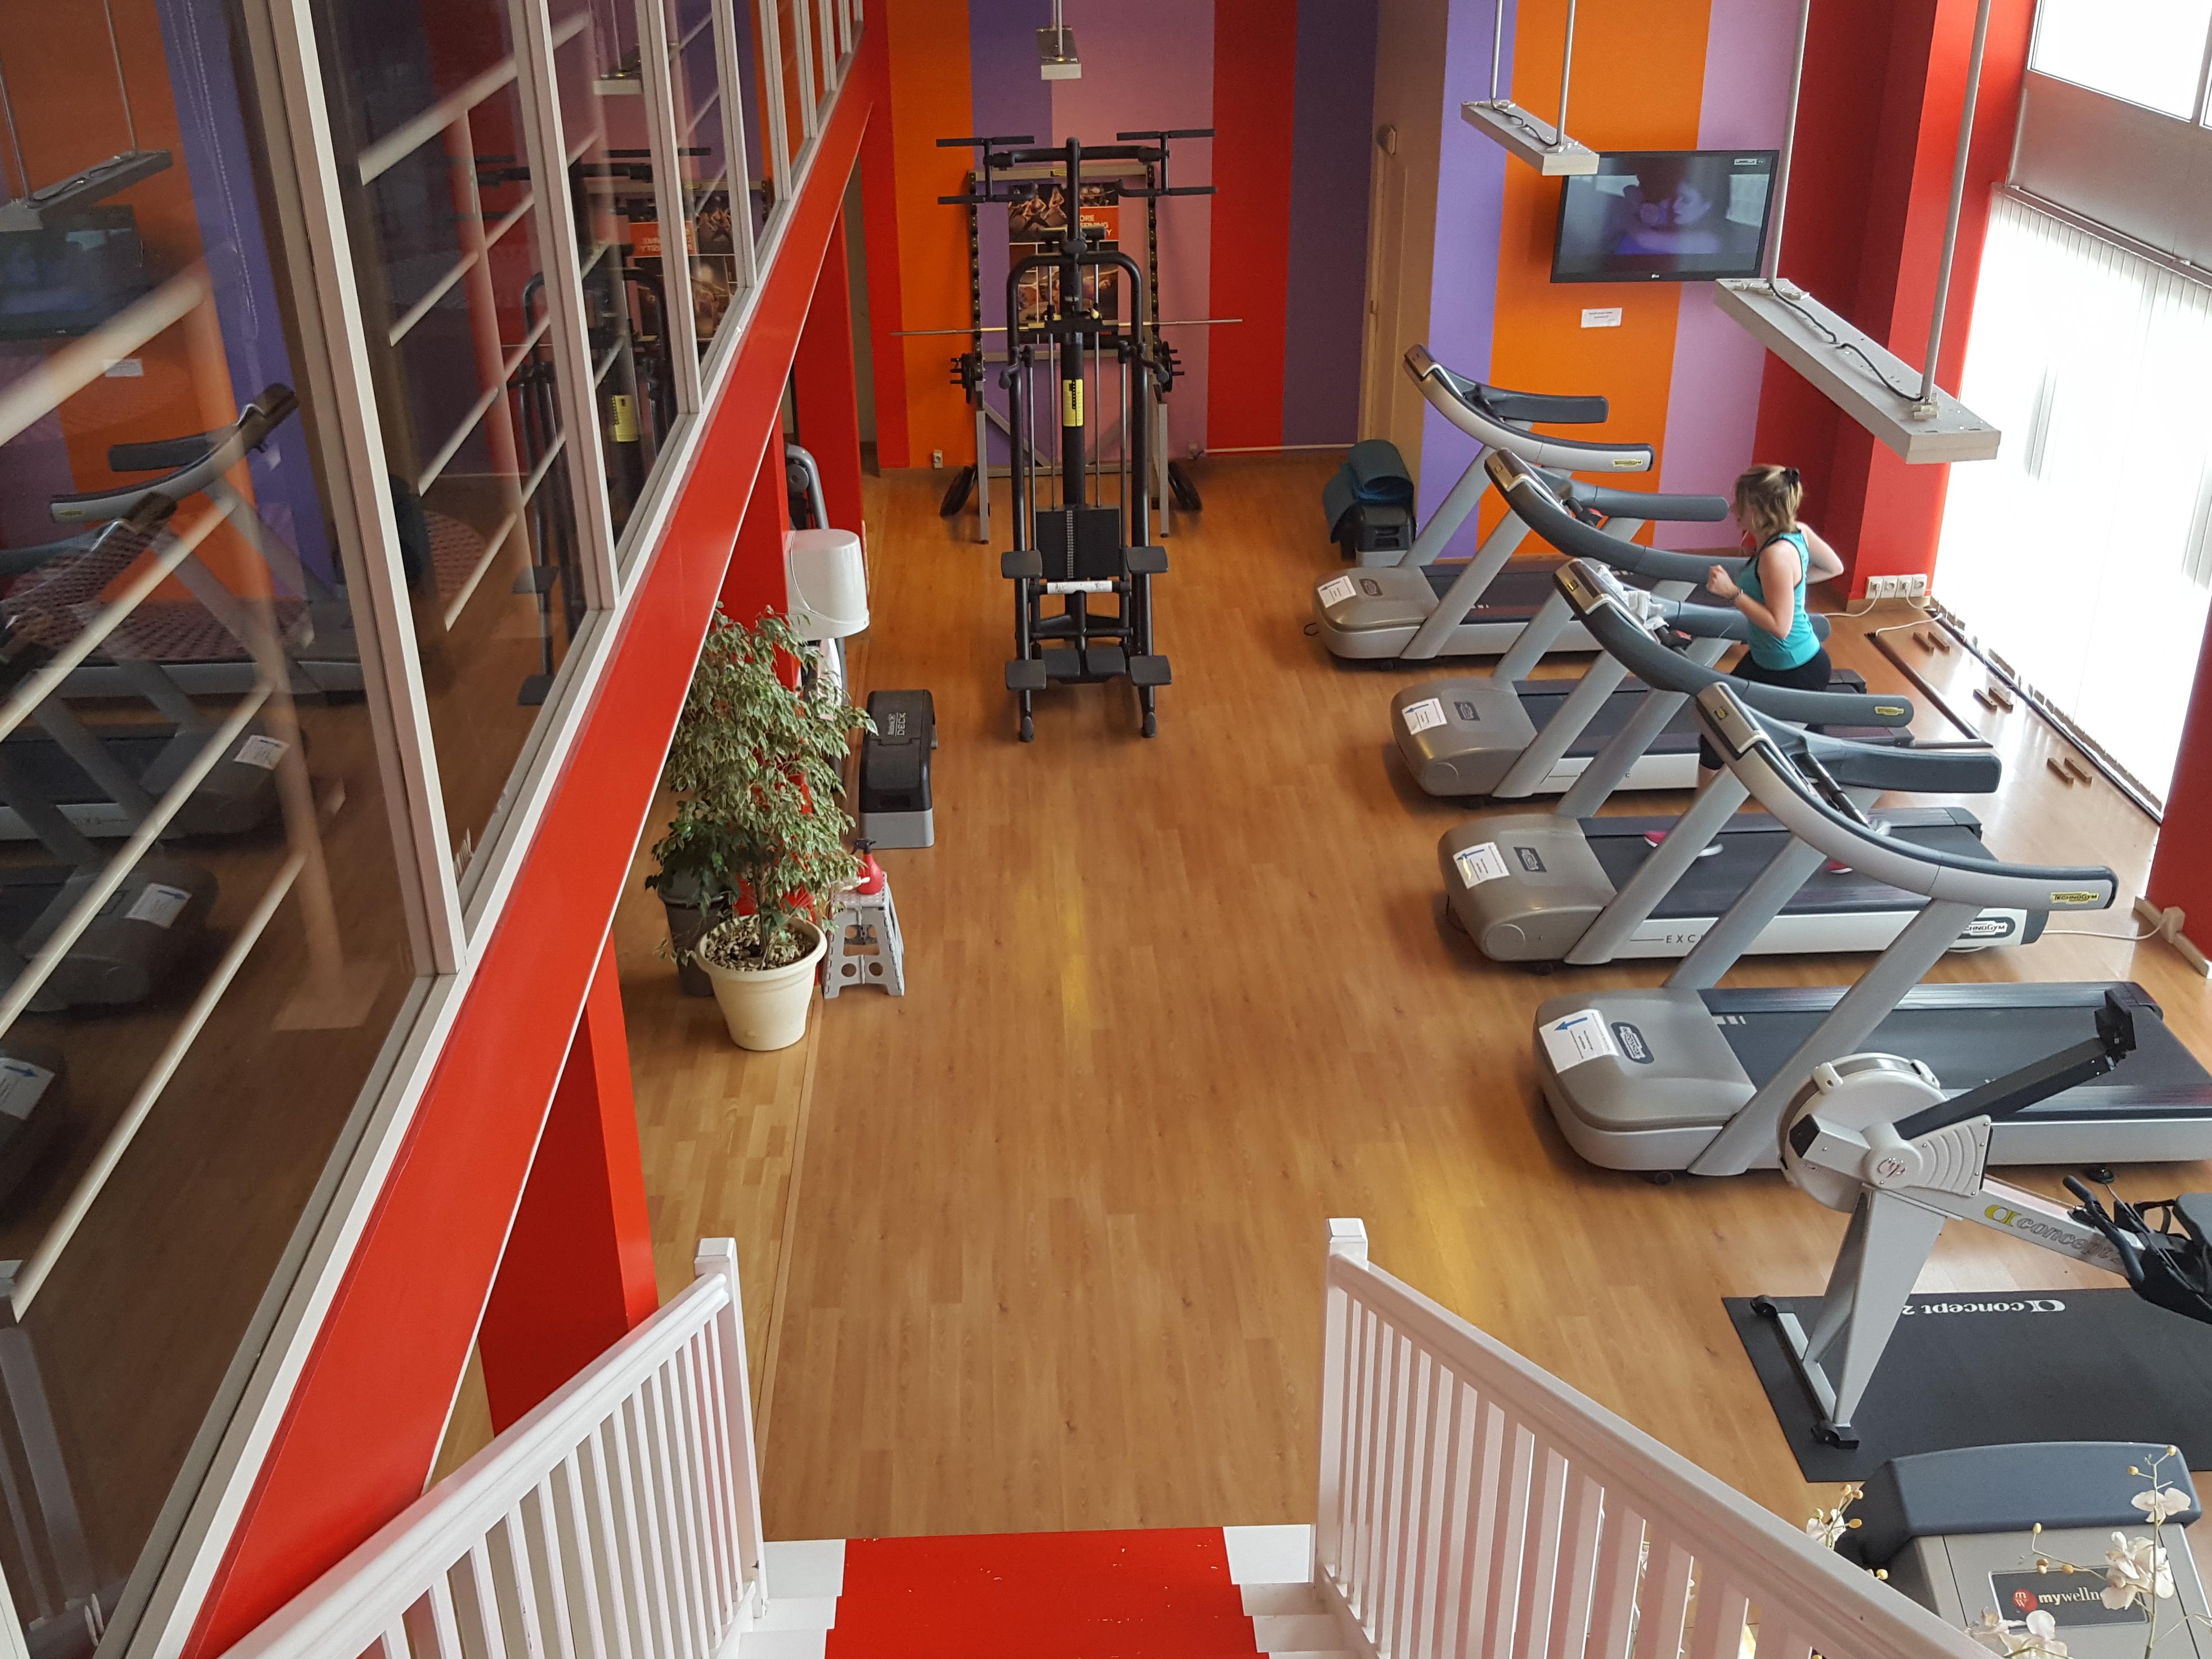 Fitness Club Senlis